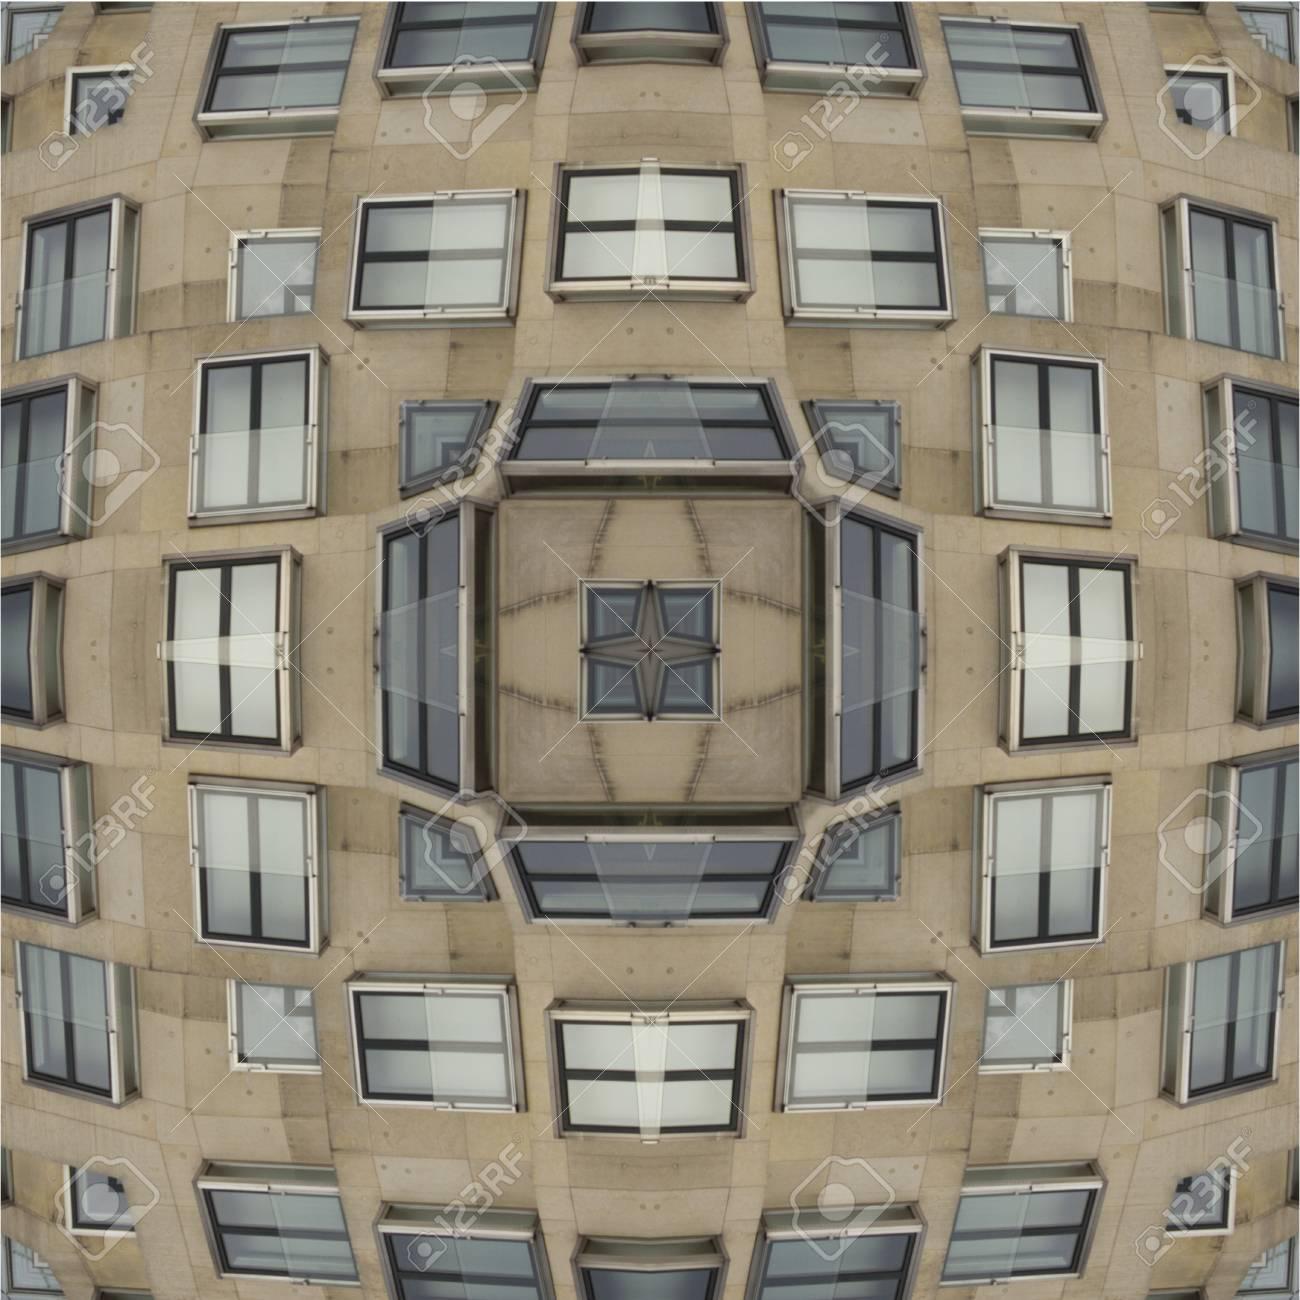 万華鏡 正方形 テクスチャ パターン 対称性 背景 抽象 壁紙